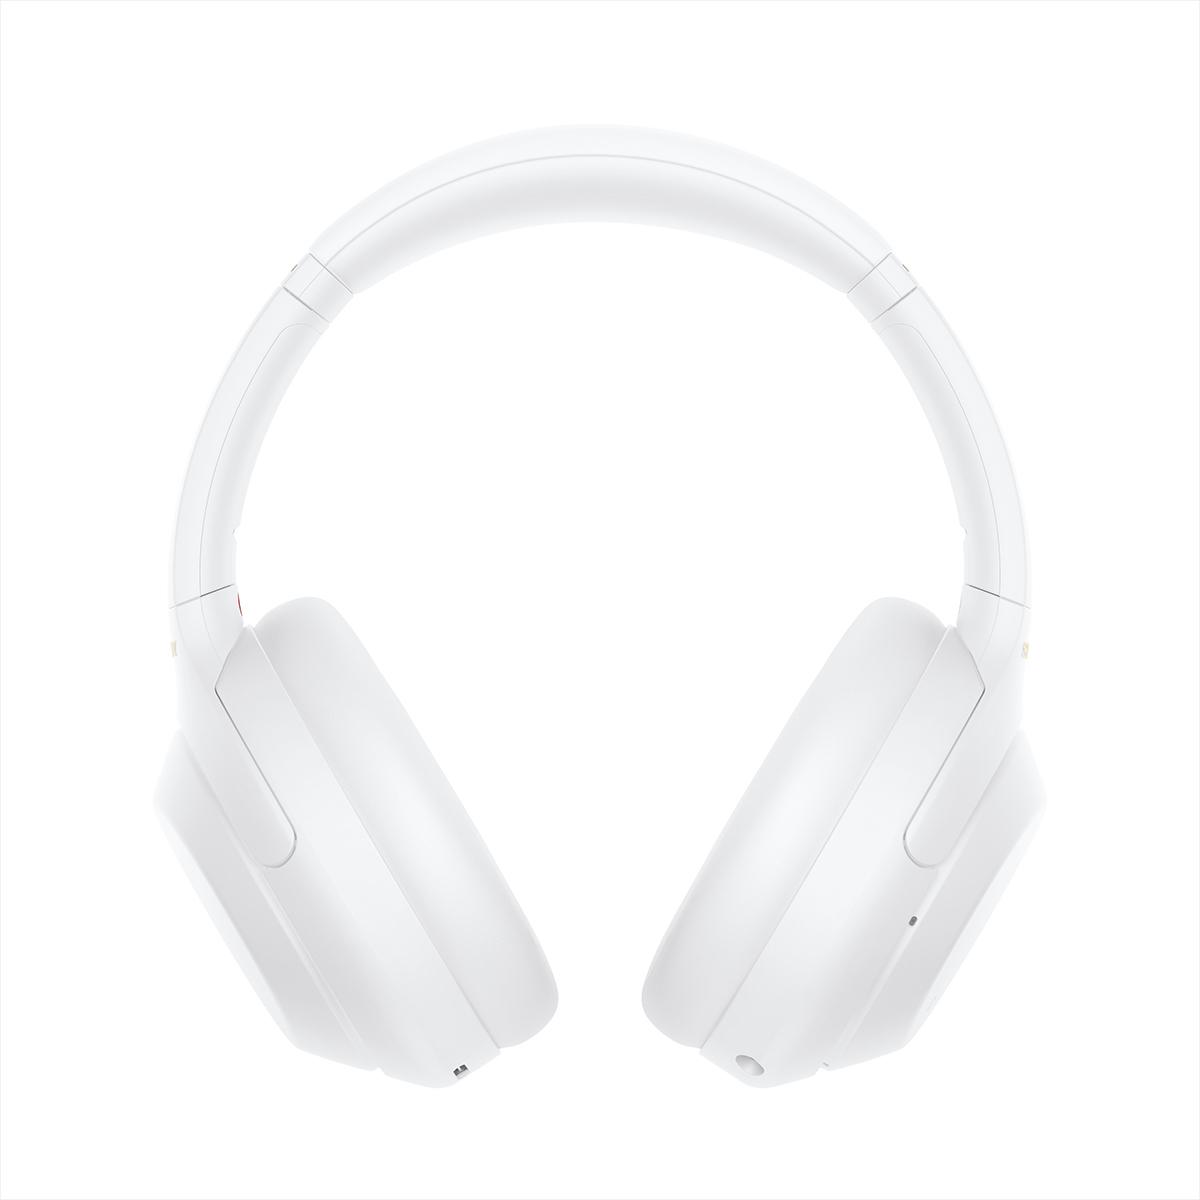 Беспроводные наушники Sony WH-1000XM4 цвета безмятежный белый